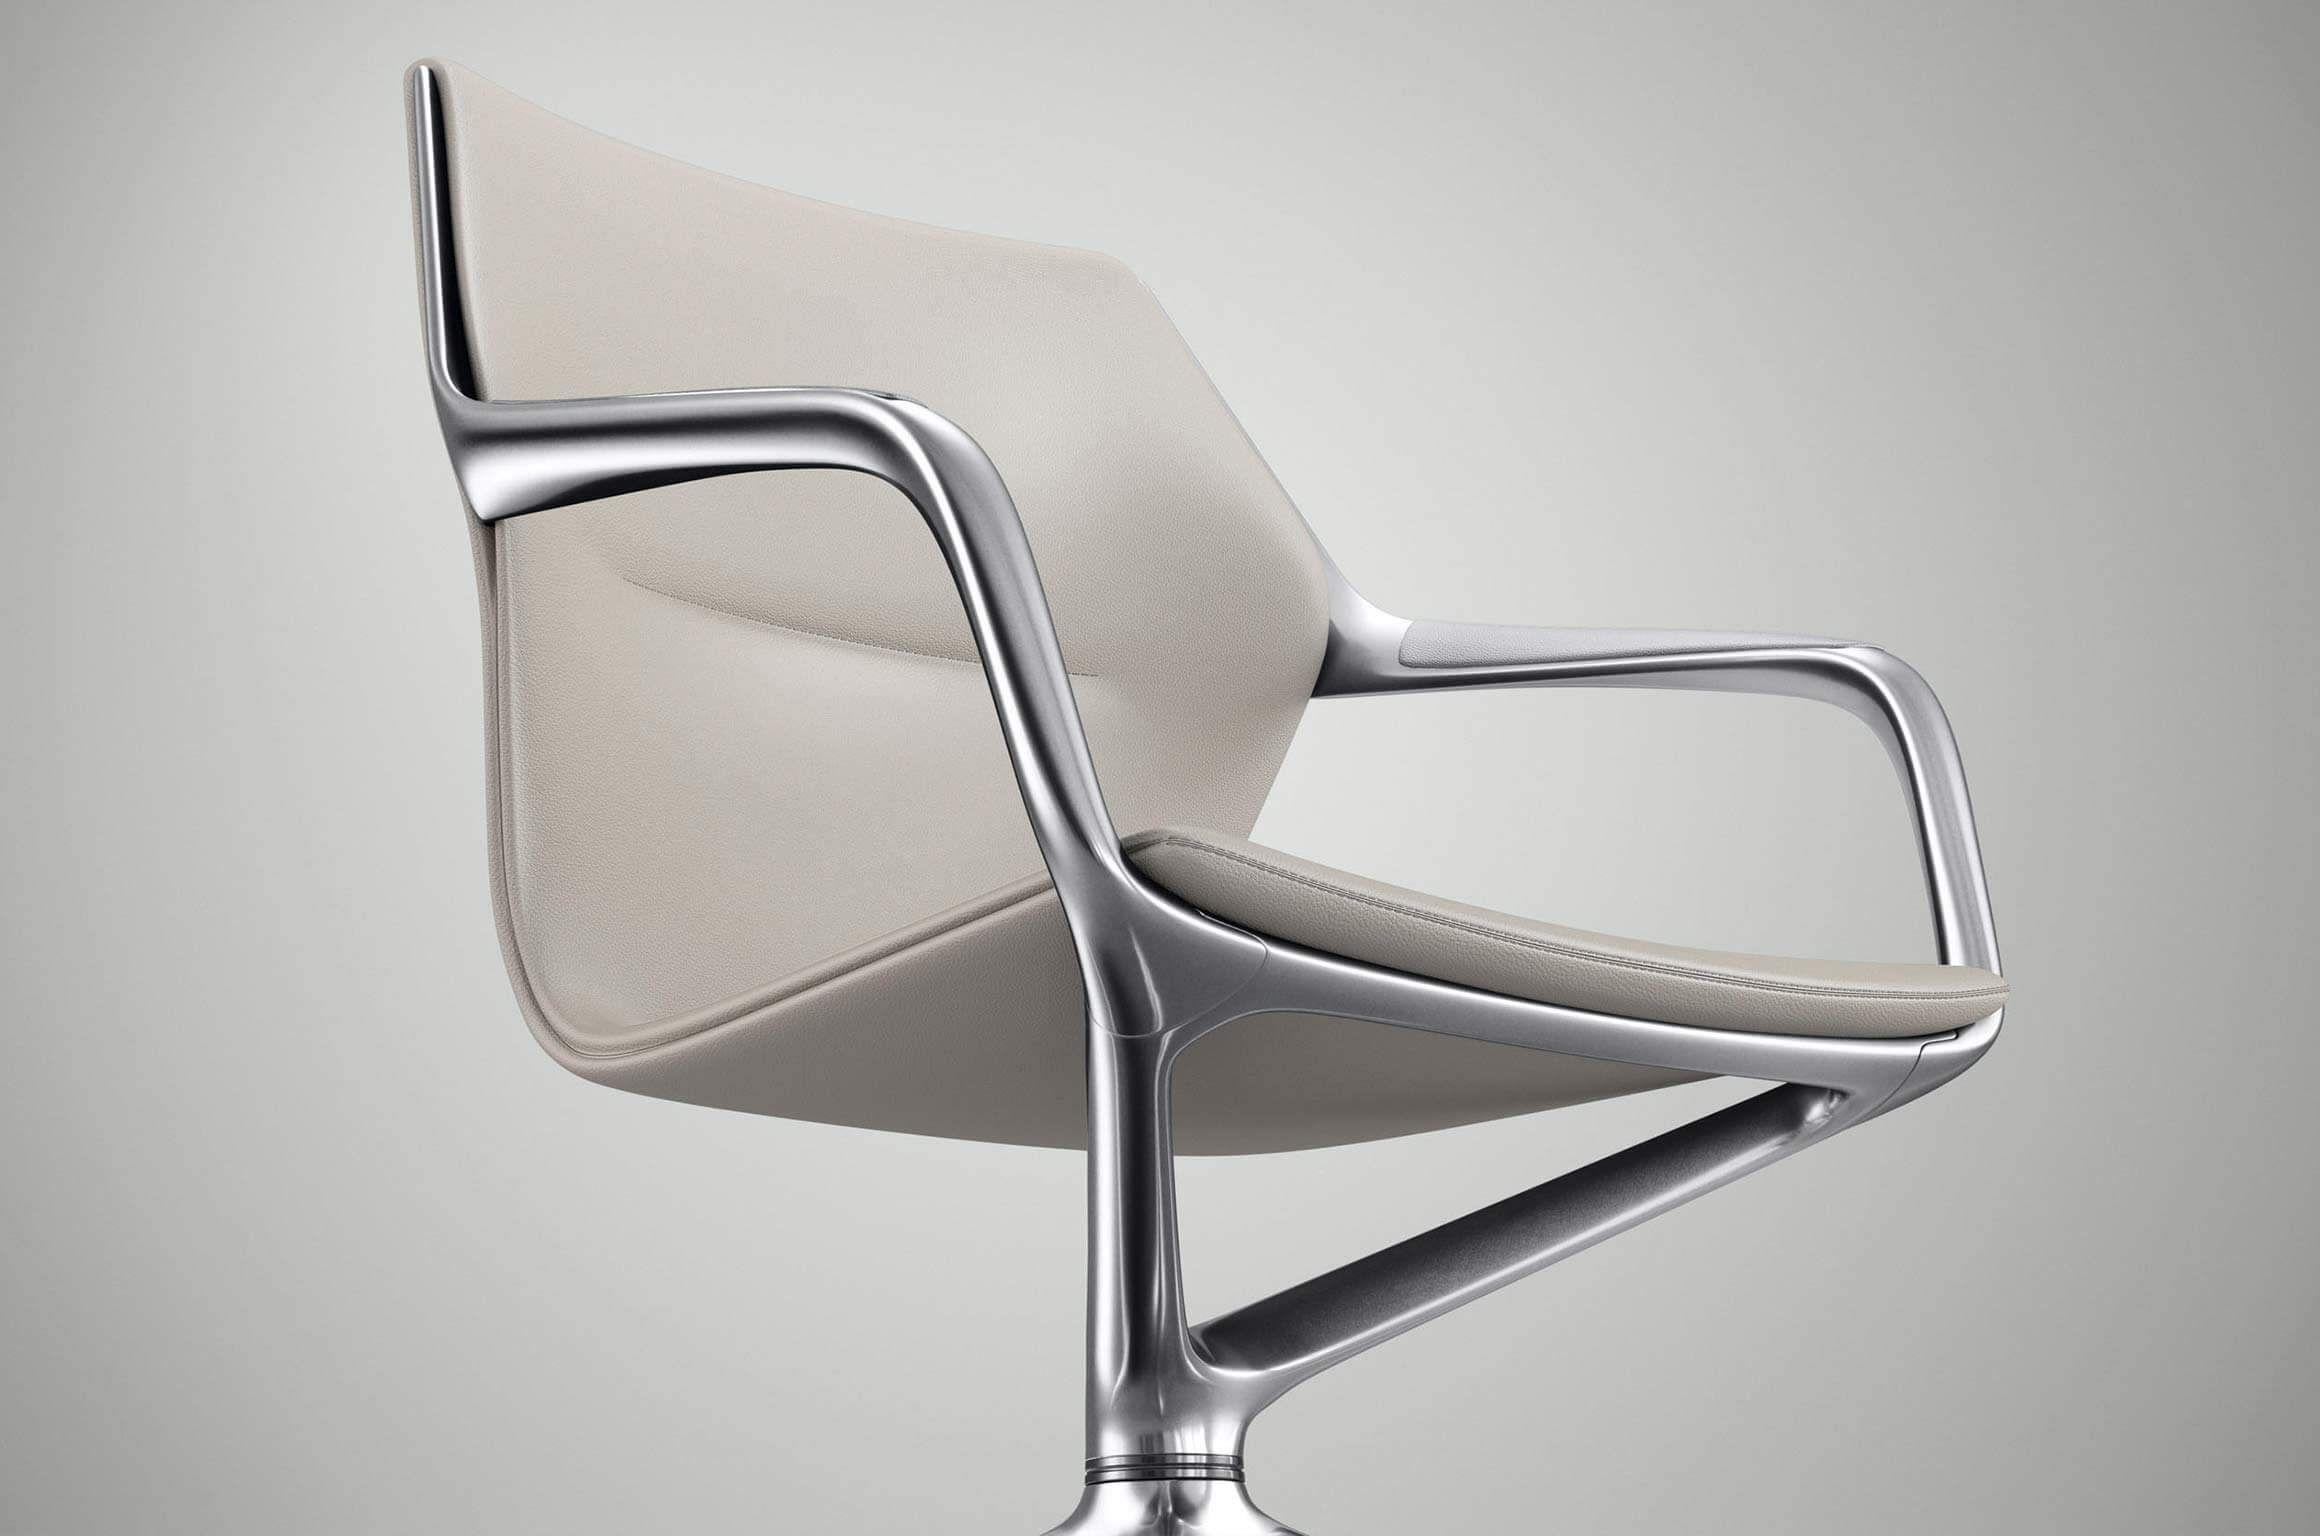 Brunner Ray Chair | VERGADER. | Pinterest